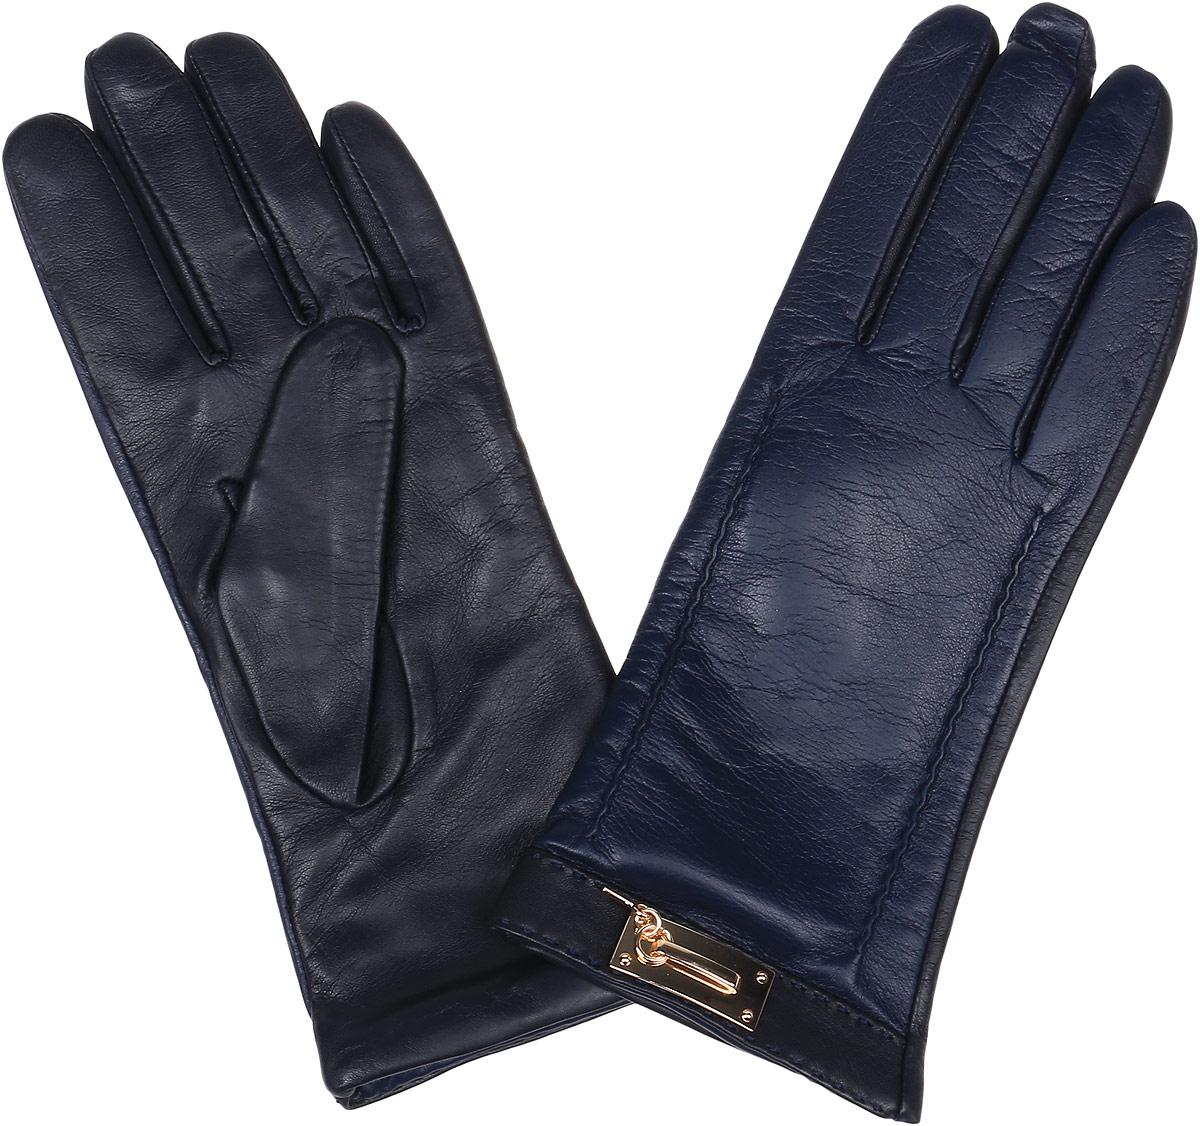 9.73-11 blueСтильные женские перчатки Fabretti не только защитят ваши руки, но и станут великолепным украшением. Перчатки выполнены из натуральной кожи ягненка, а их подкладка - из высококачественной шерсти с добавлением кашемира. Модель оформлена оригинальными строчками-стежками и металлической пластиной, дополненной ключиком. Стильный аксессуар для повседневного образа.